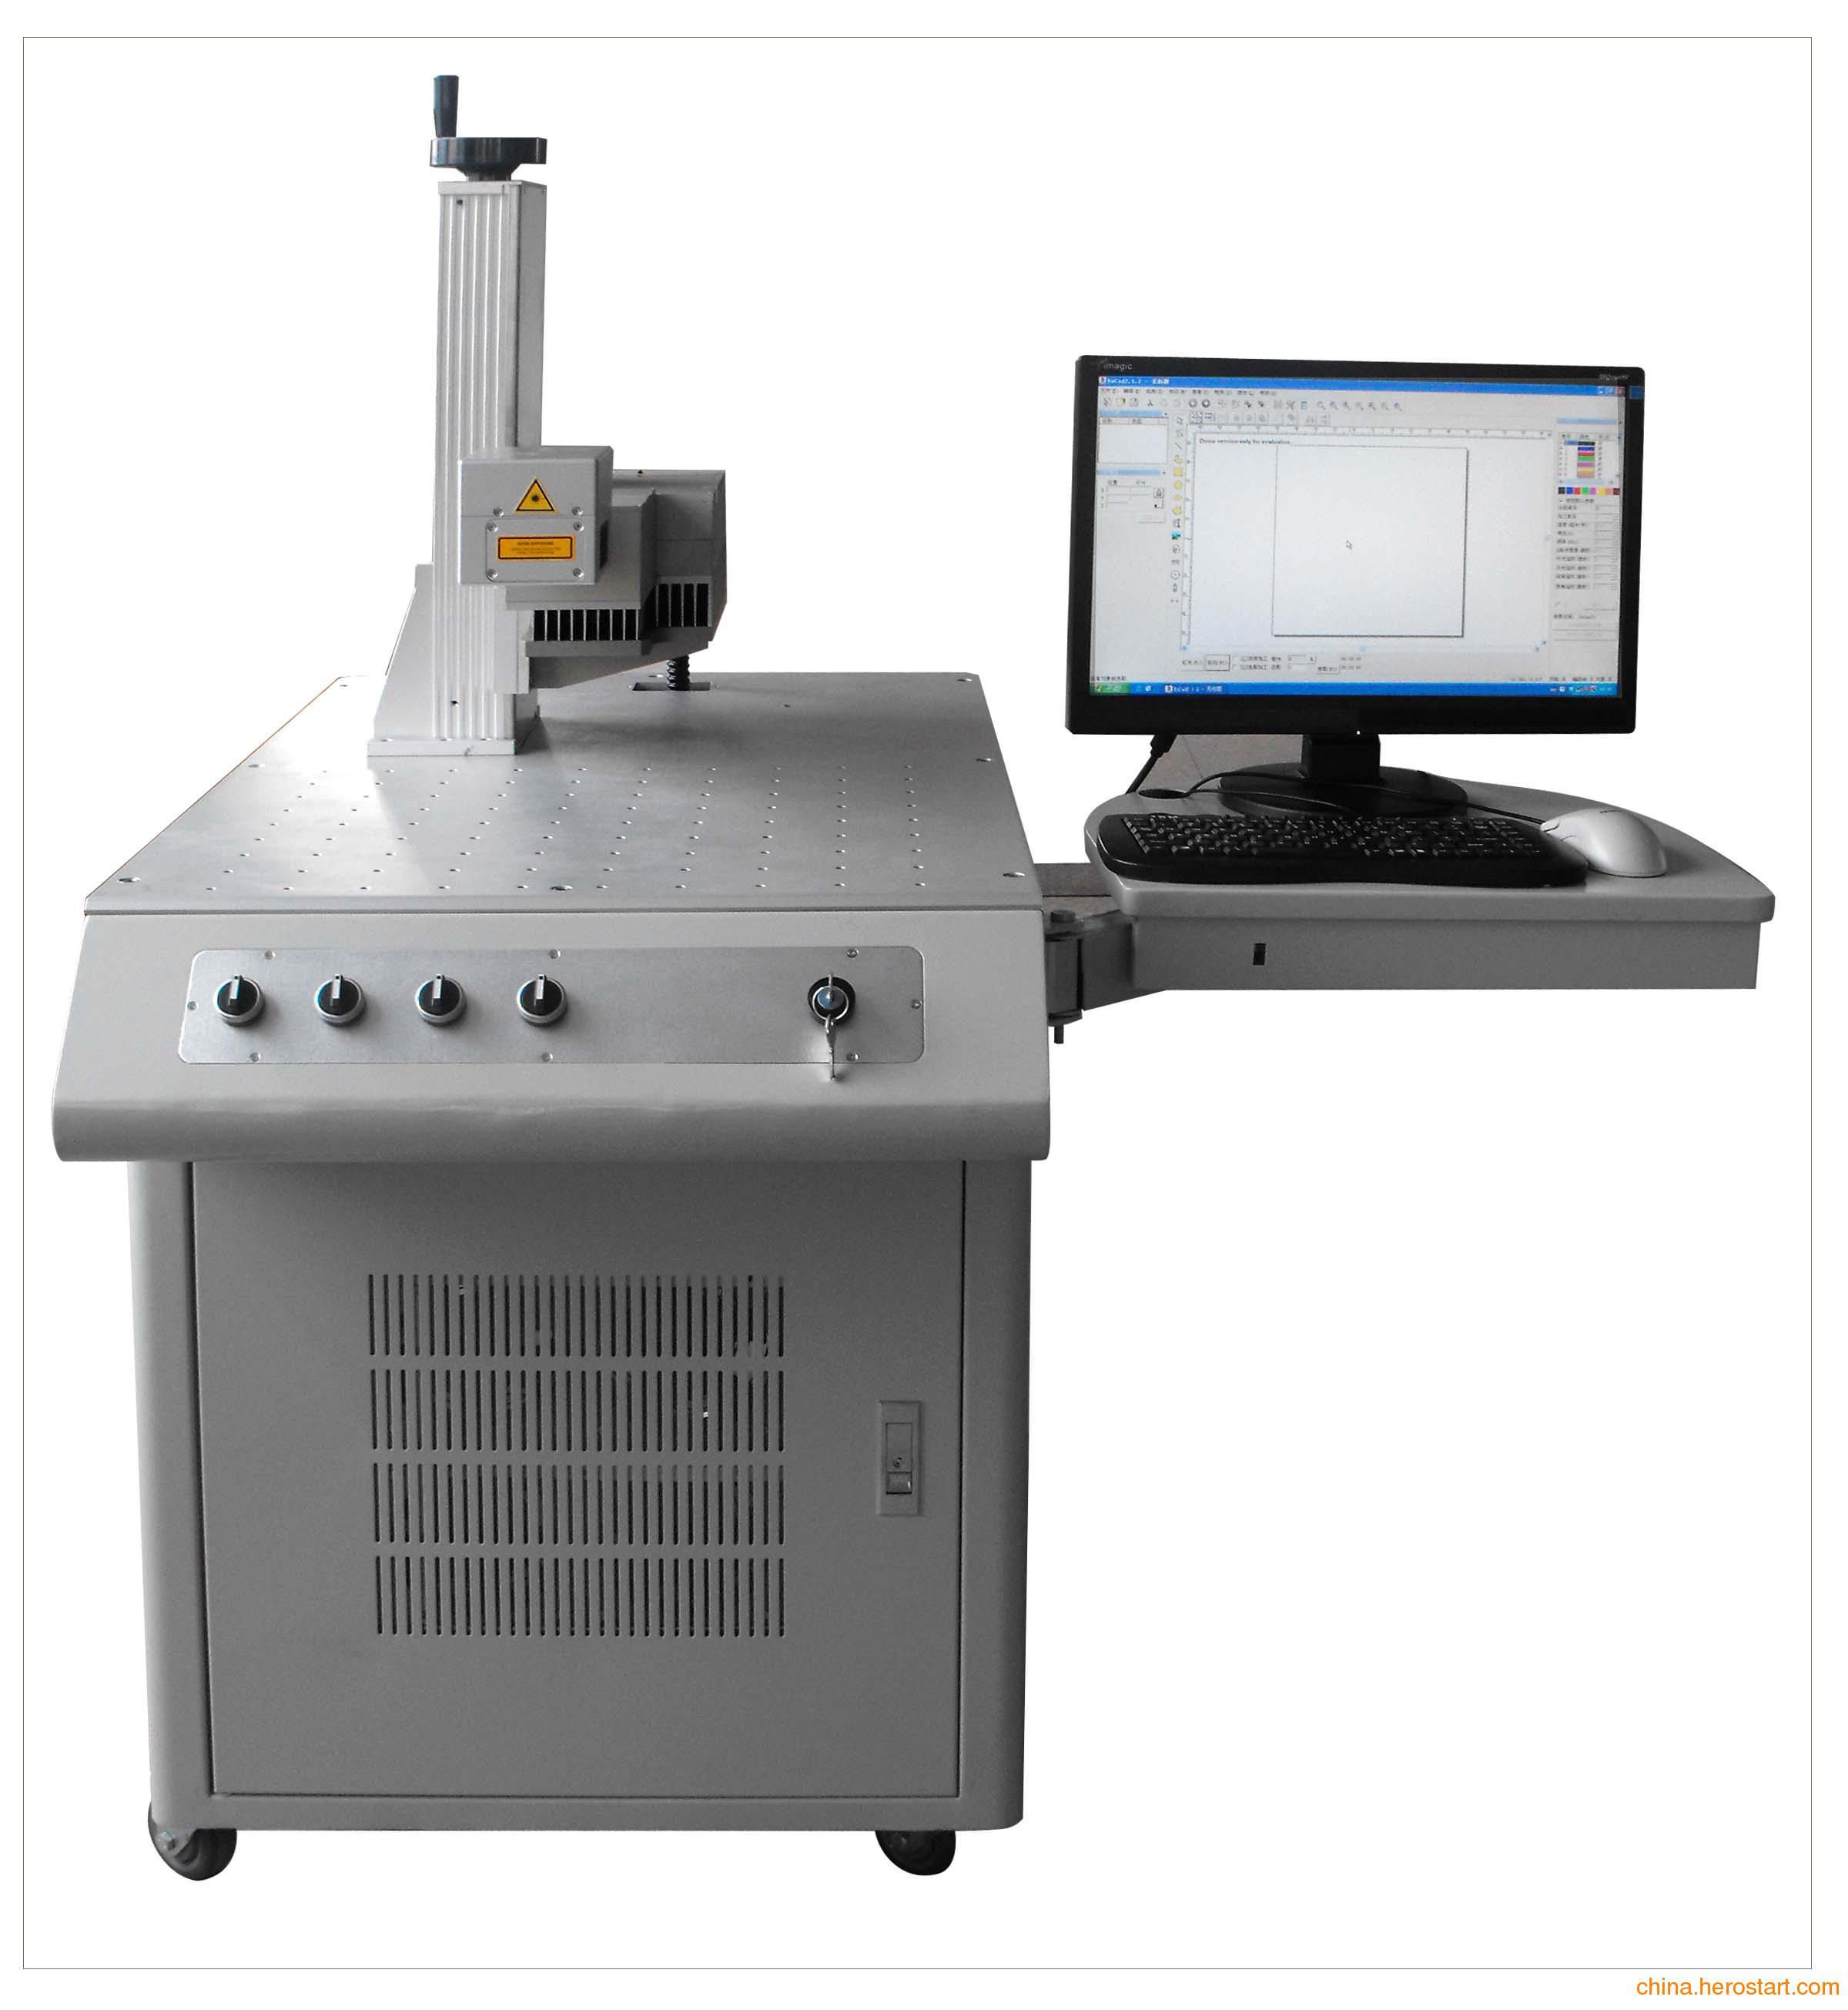 苏州激光打标机|半导体激光器|YAG激光氪灯|激光配件供应商